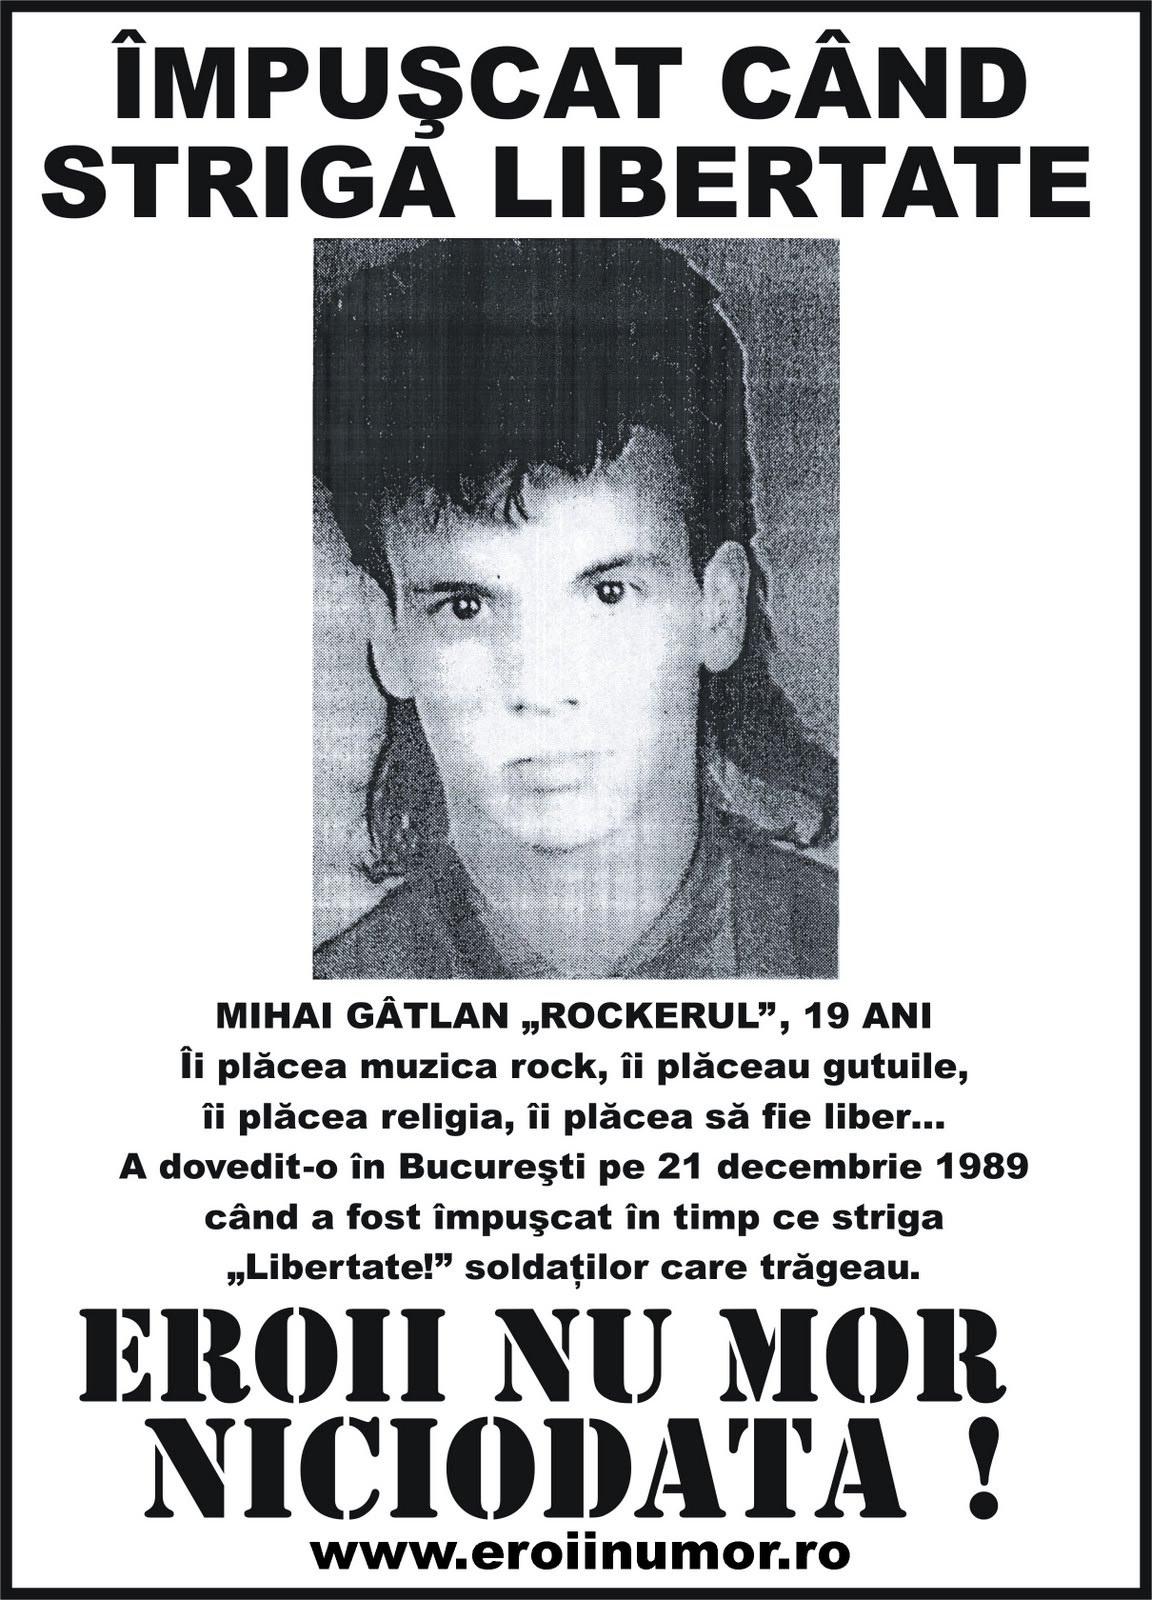 Mihai Gatlan